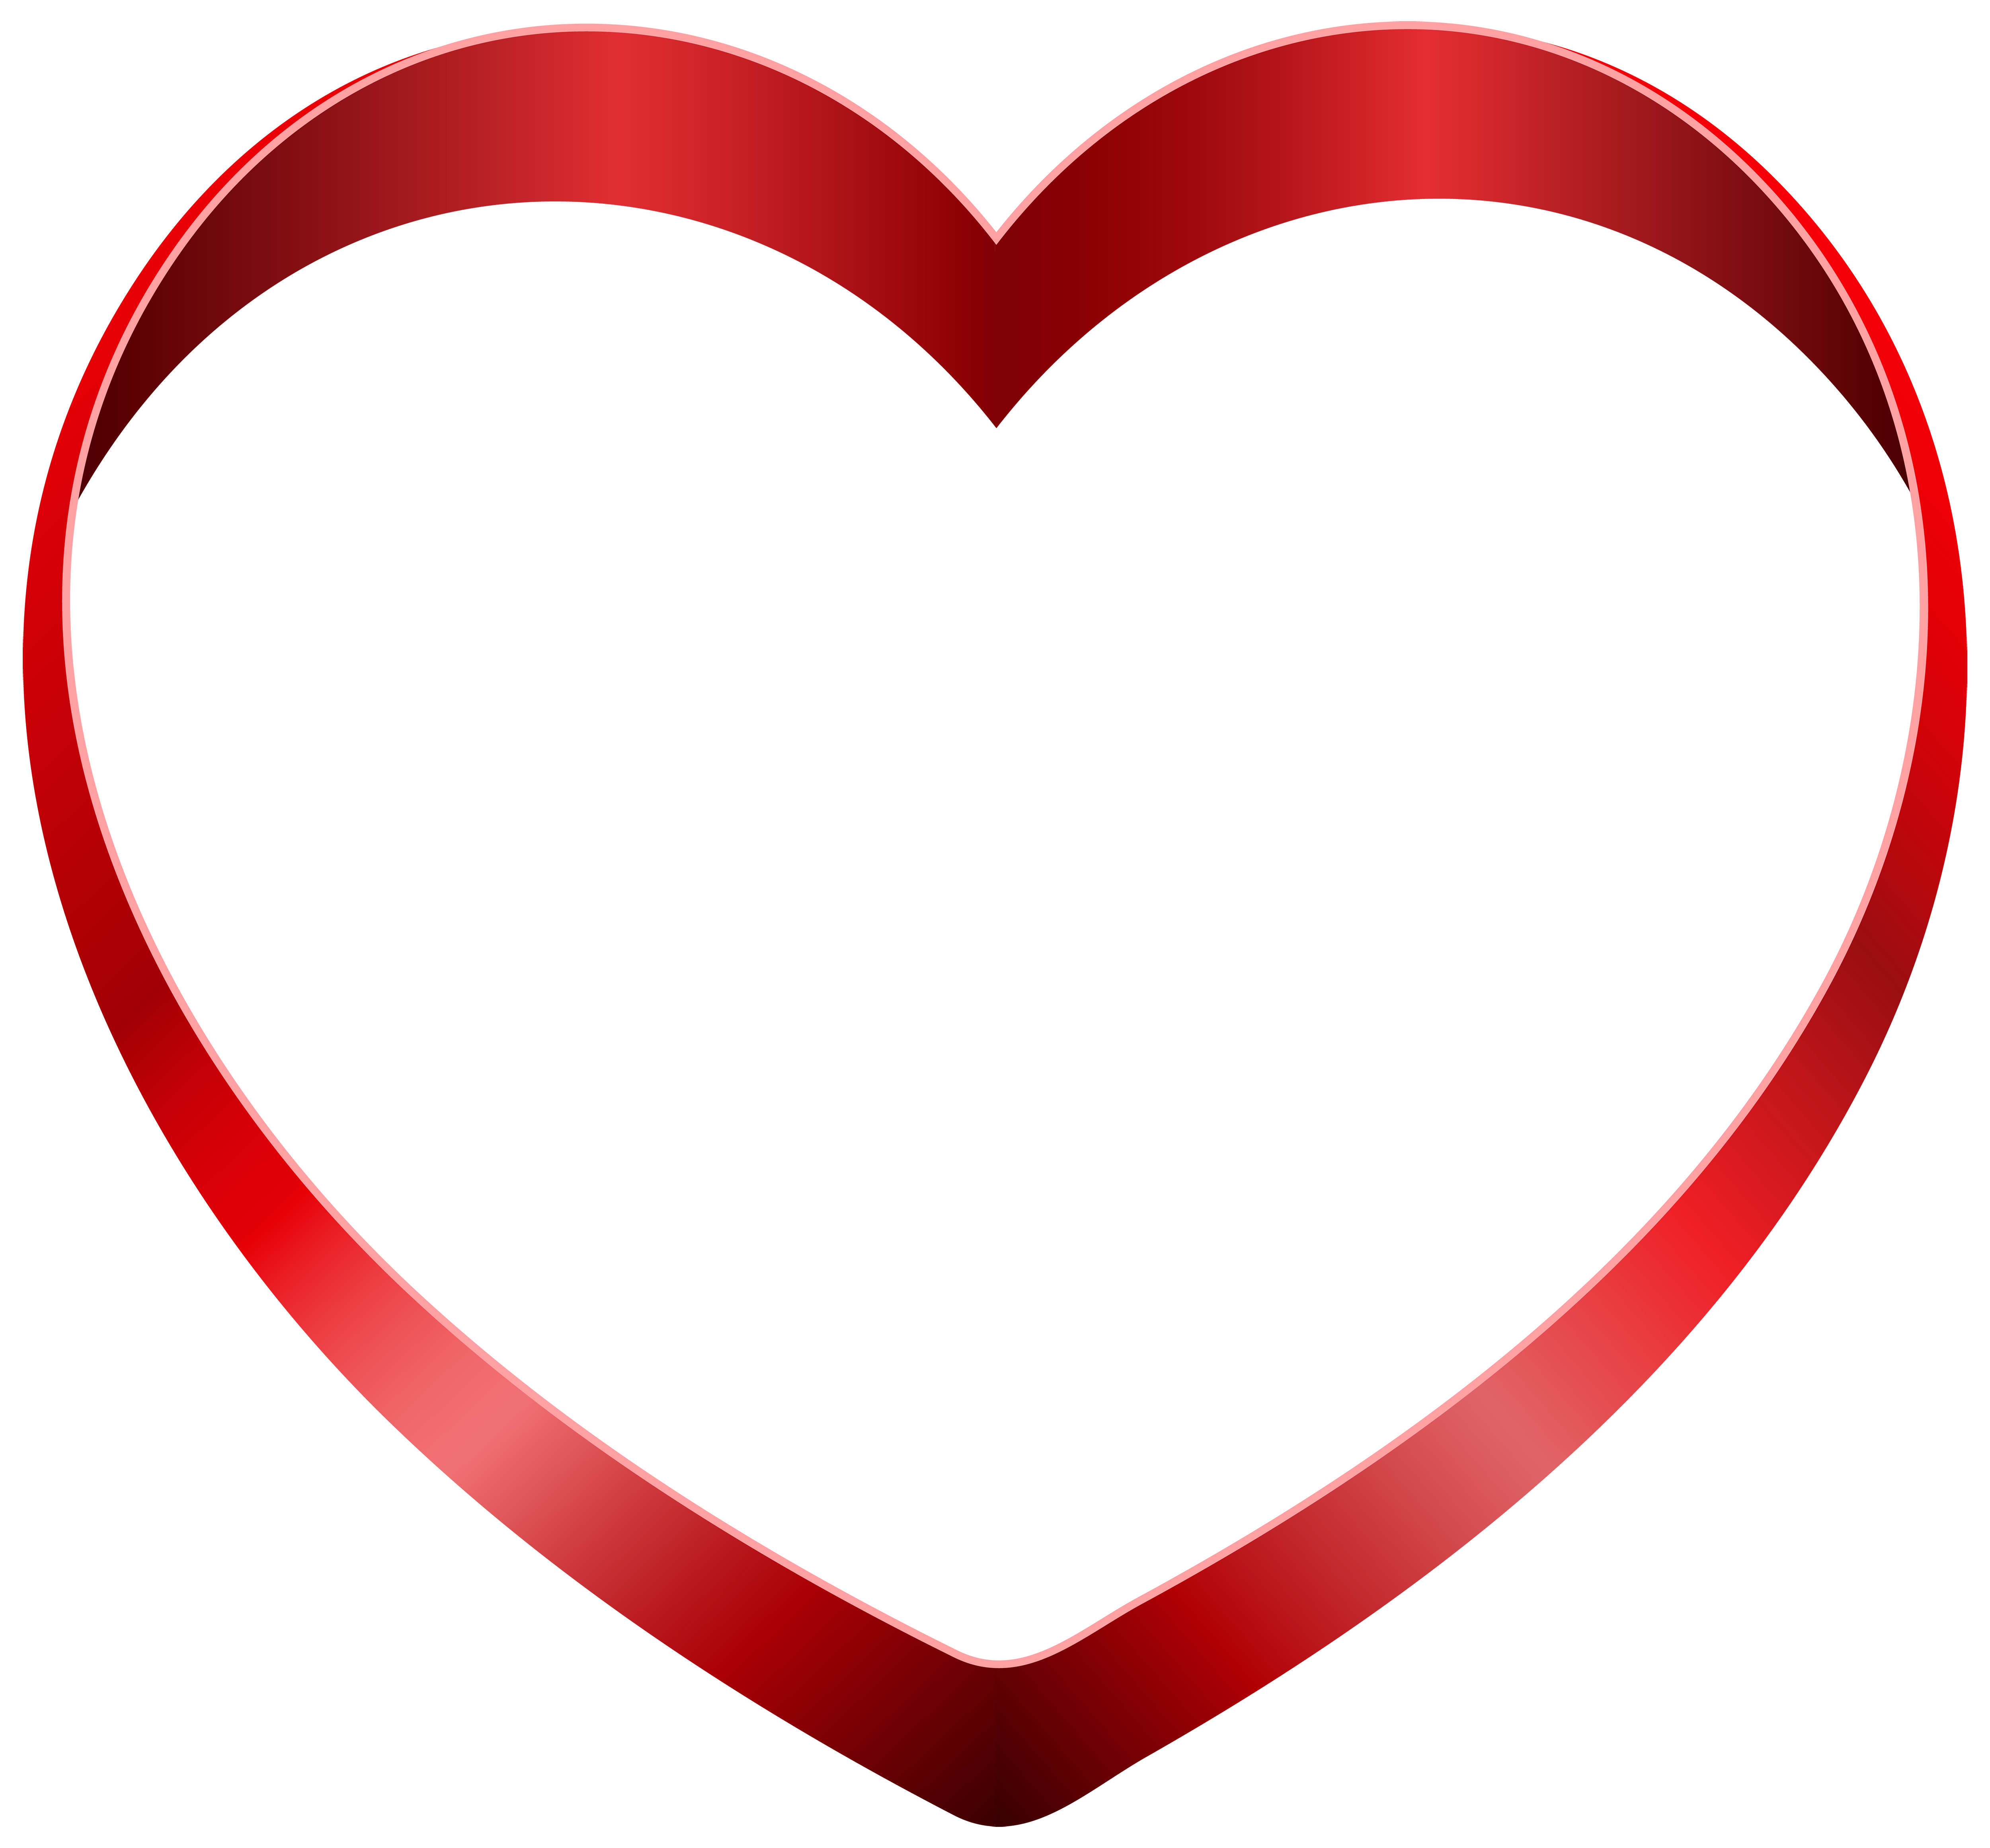 Transparent heart png icon transparent blue heart purple heart transparent heart png icon transparent blue heart purple heart buycottarizona